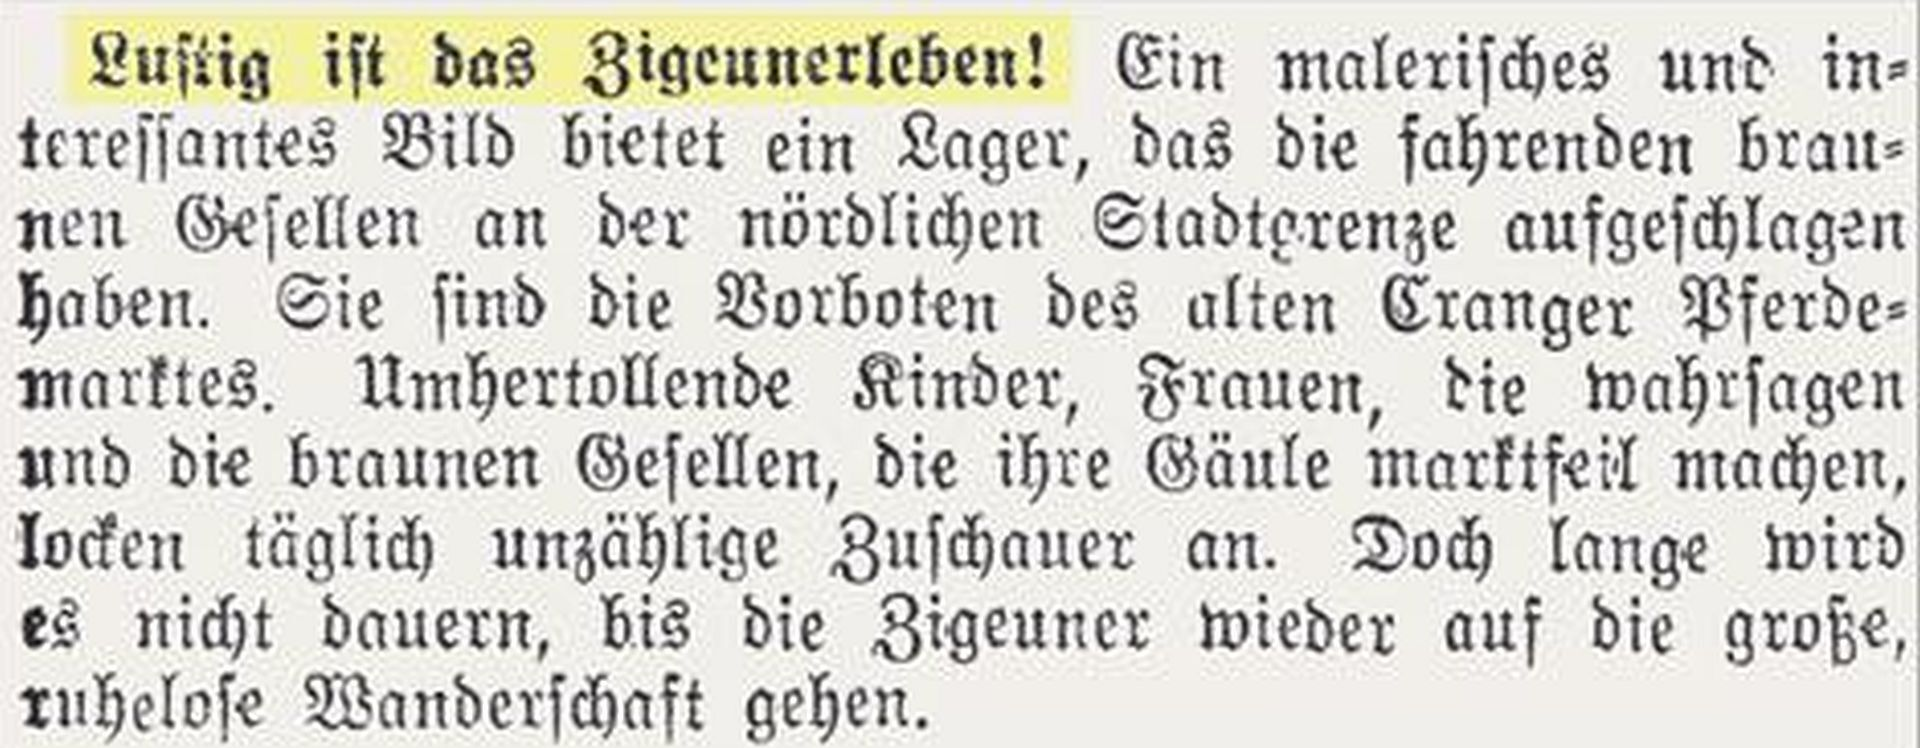 Wanne-Eickeler Volkszeitung vom 09.08.1932.jpg